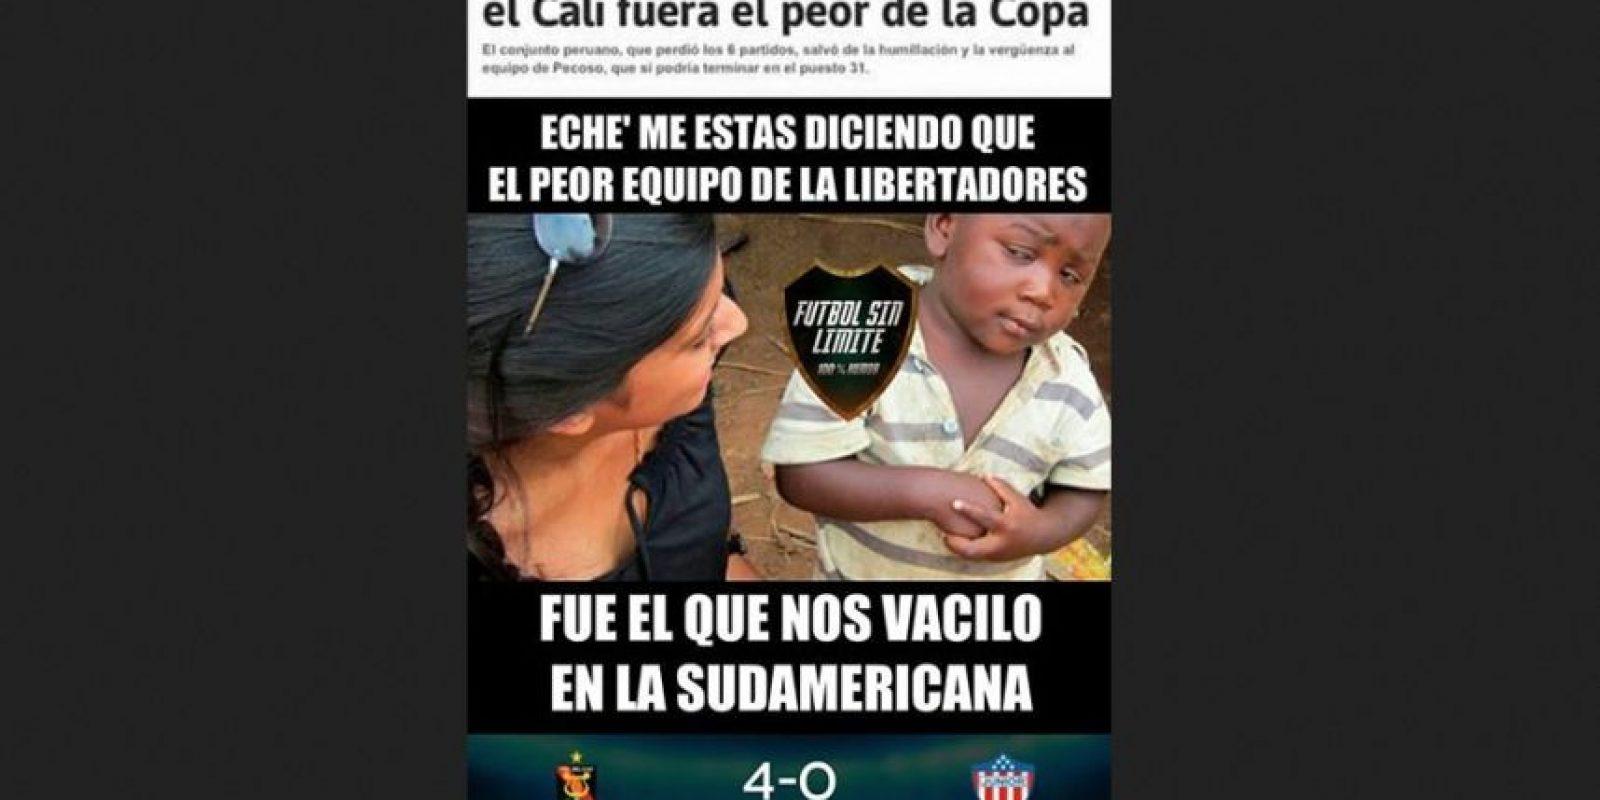 Foto:Tomado del Facebook Fútbol Sin Límite